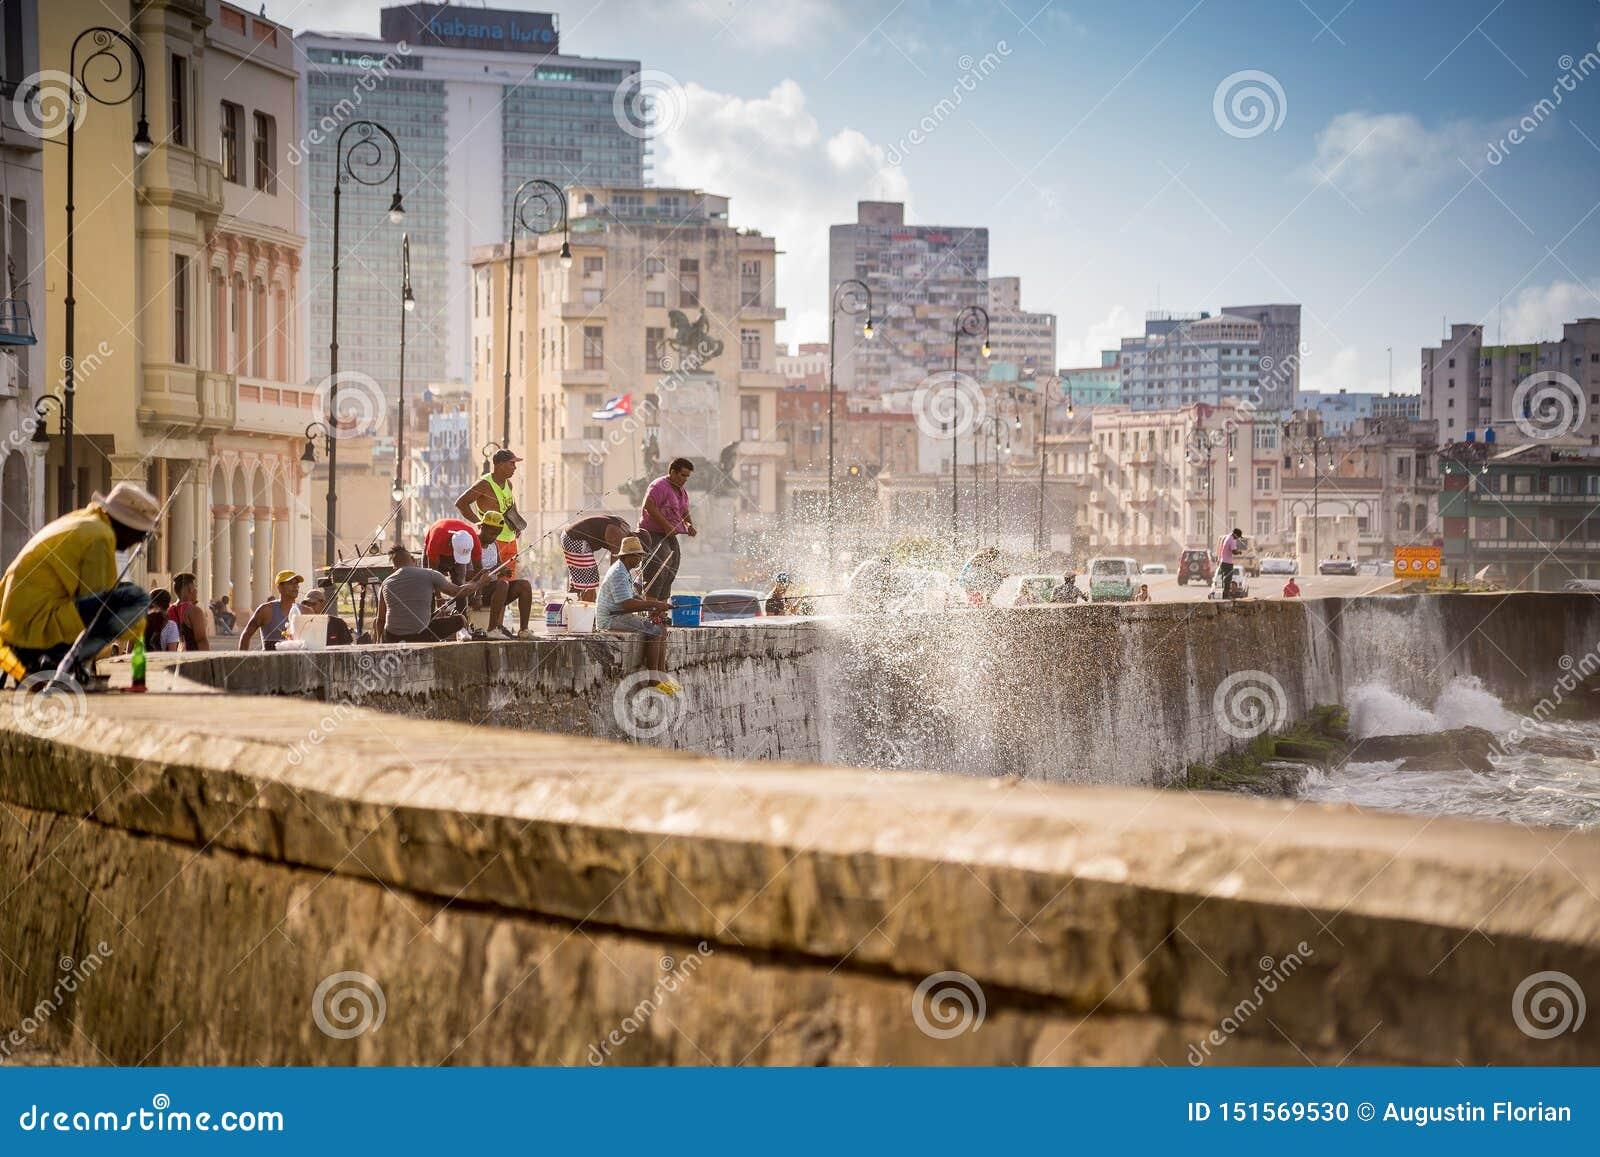 La Habana, Cuba - 29 de noviembre de 2017: Pescadores en Malecon